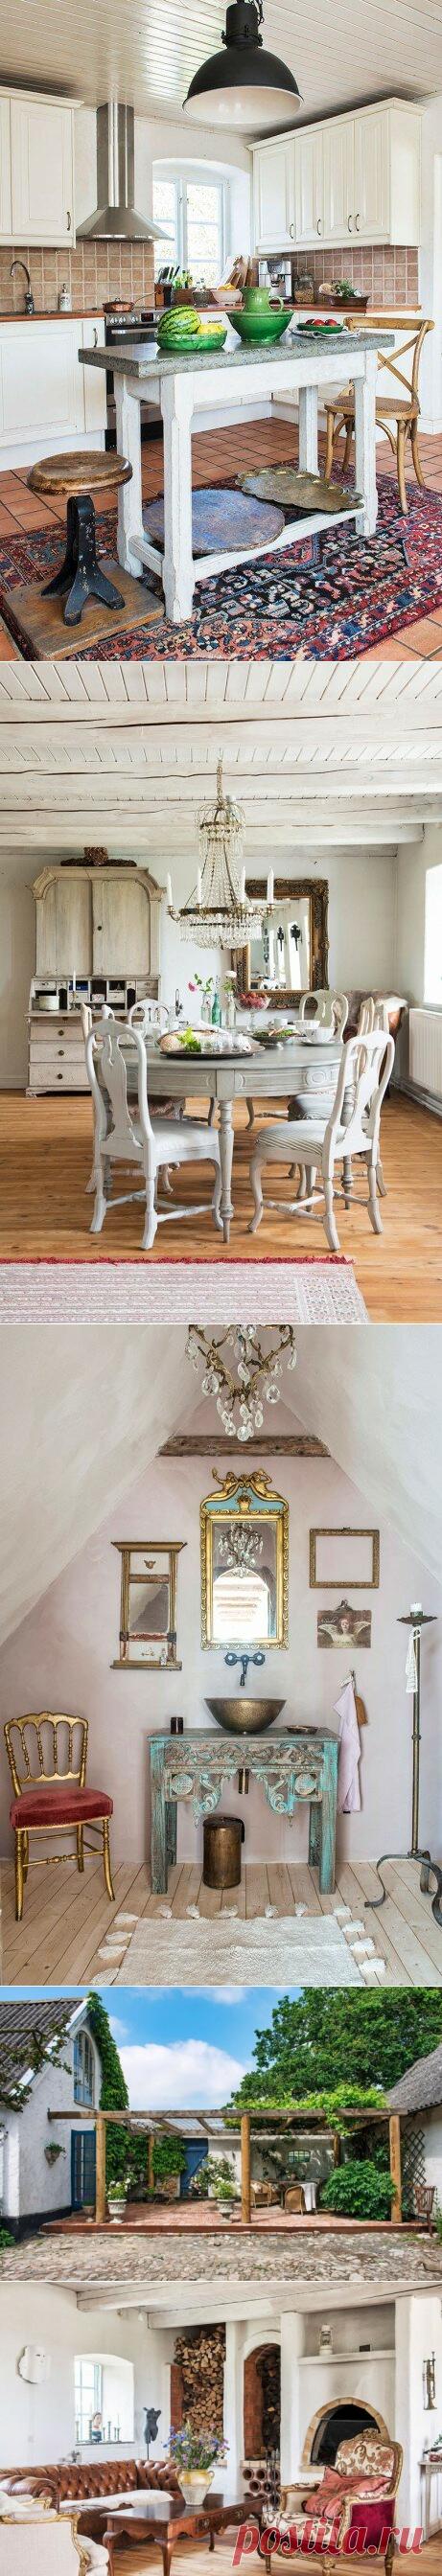 Дом художницы Кристины Дидрикссон (Швеция): классический шведский дом с непримиримым интерьером. Контраст позолоты и штукатурки | АРТбук Ульяновой | Яндекс Дзен